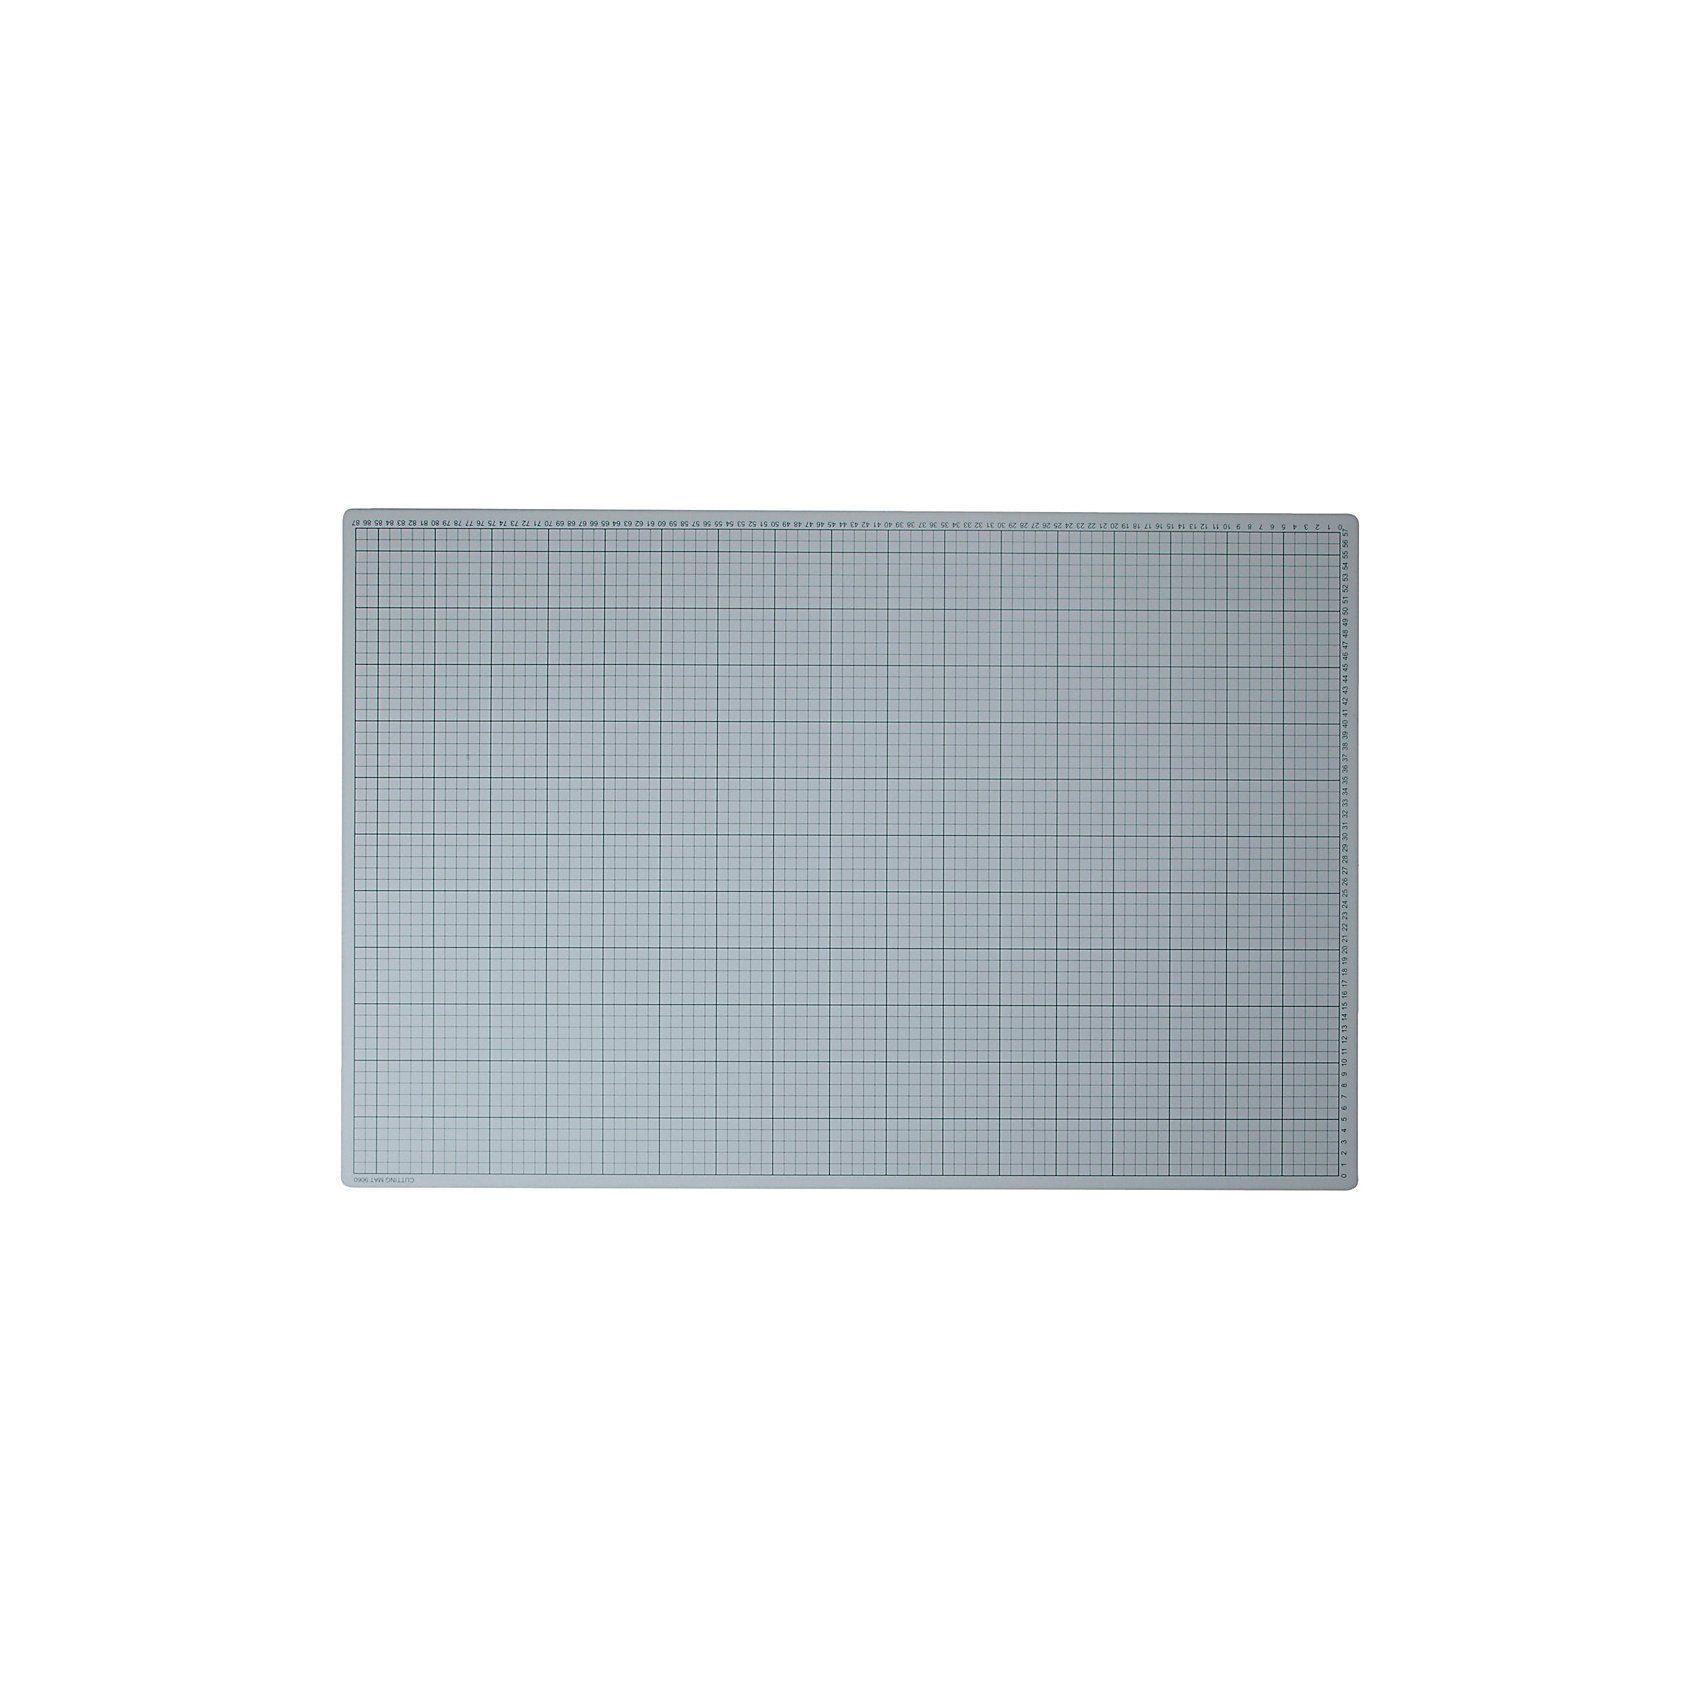 Schneidmatte, Größe 60x90 cm, Stärke: 3 mm